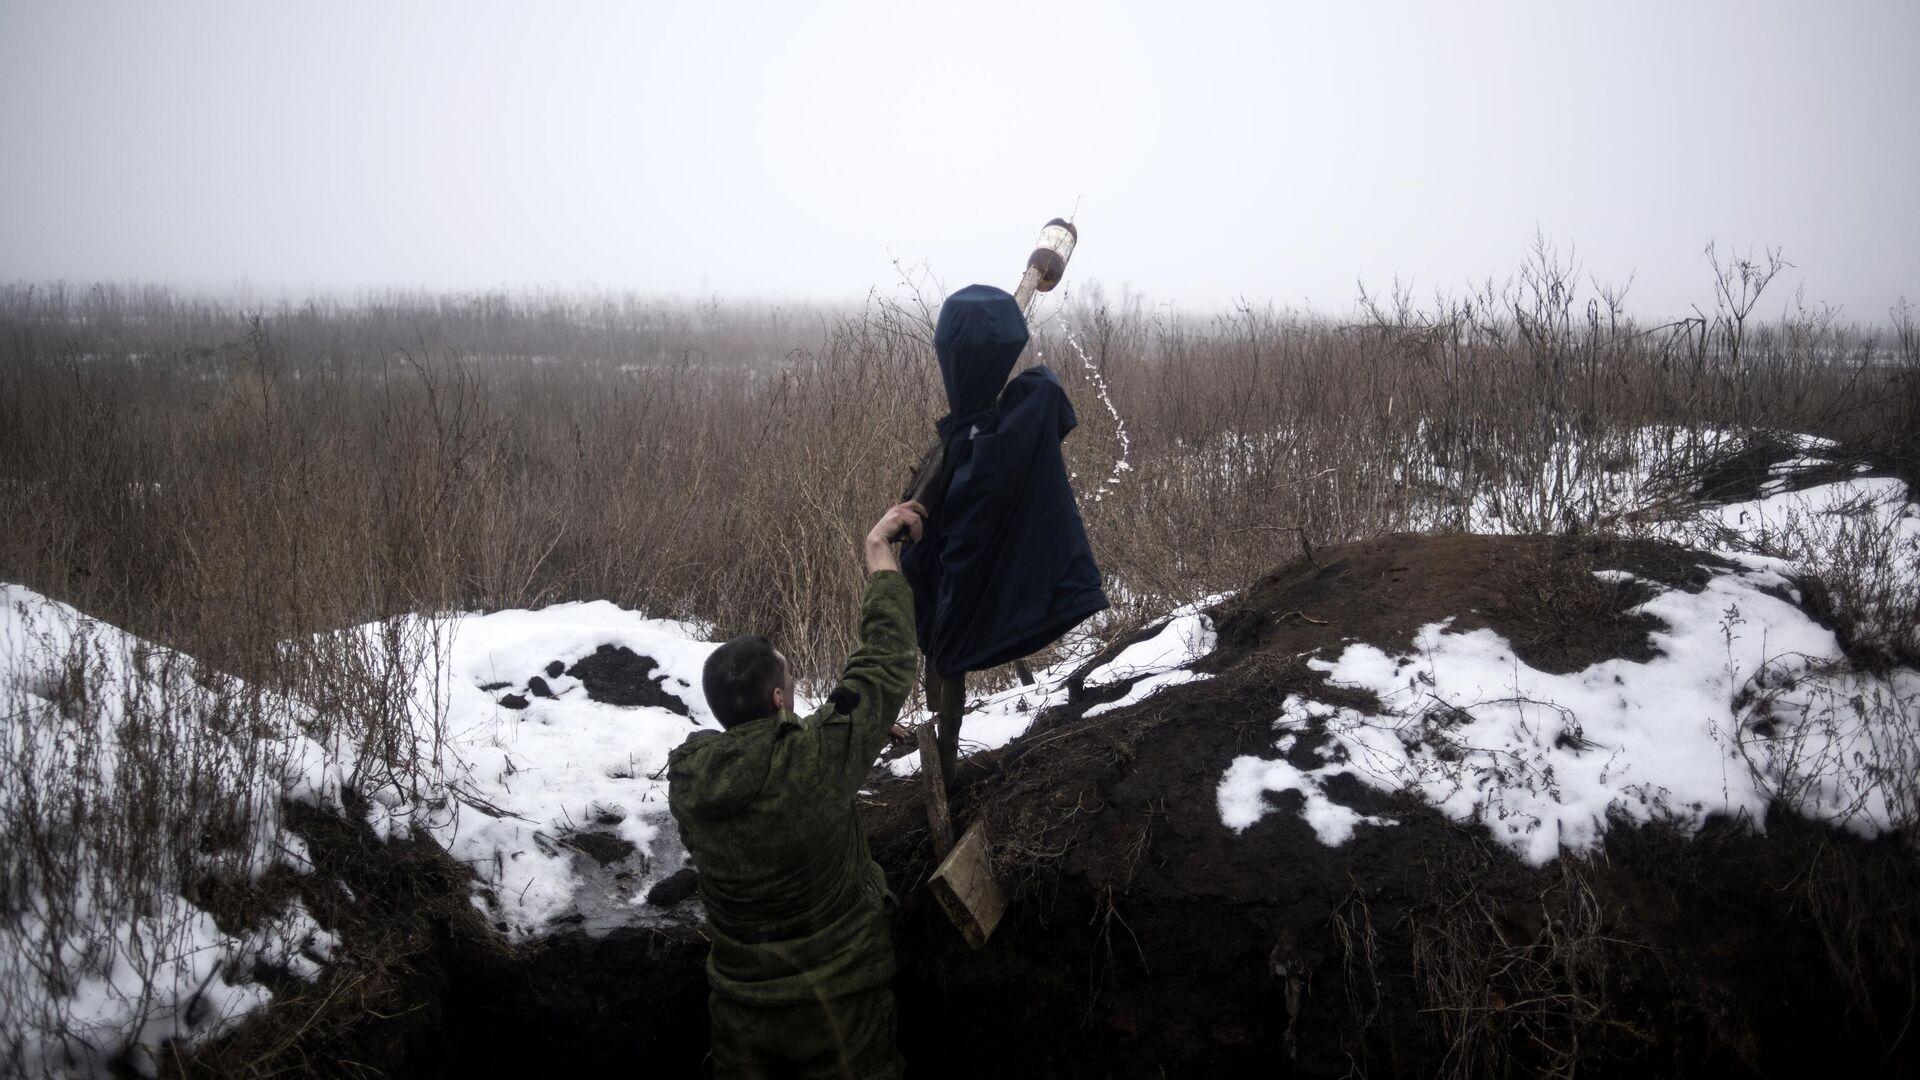 Военнослужащий ДНР в поселке Ясное Донецкой области - РИА Новости, 1920, 06.01.2021